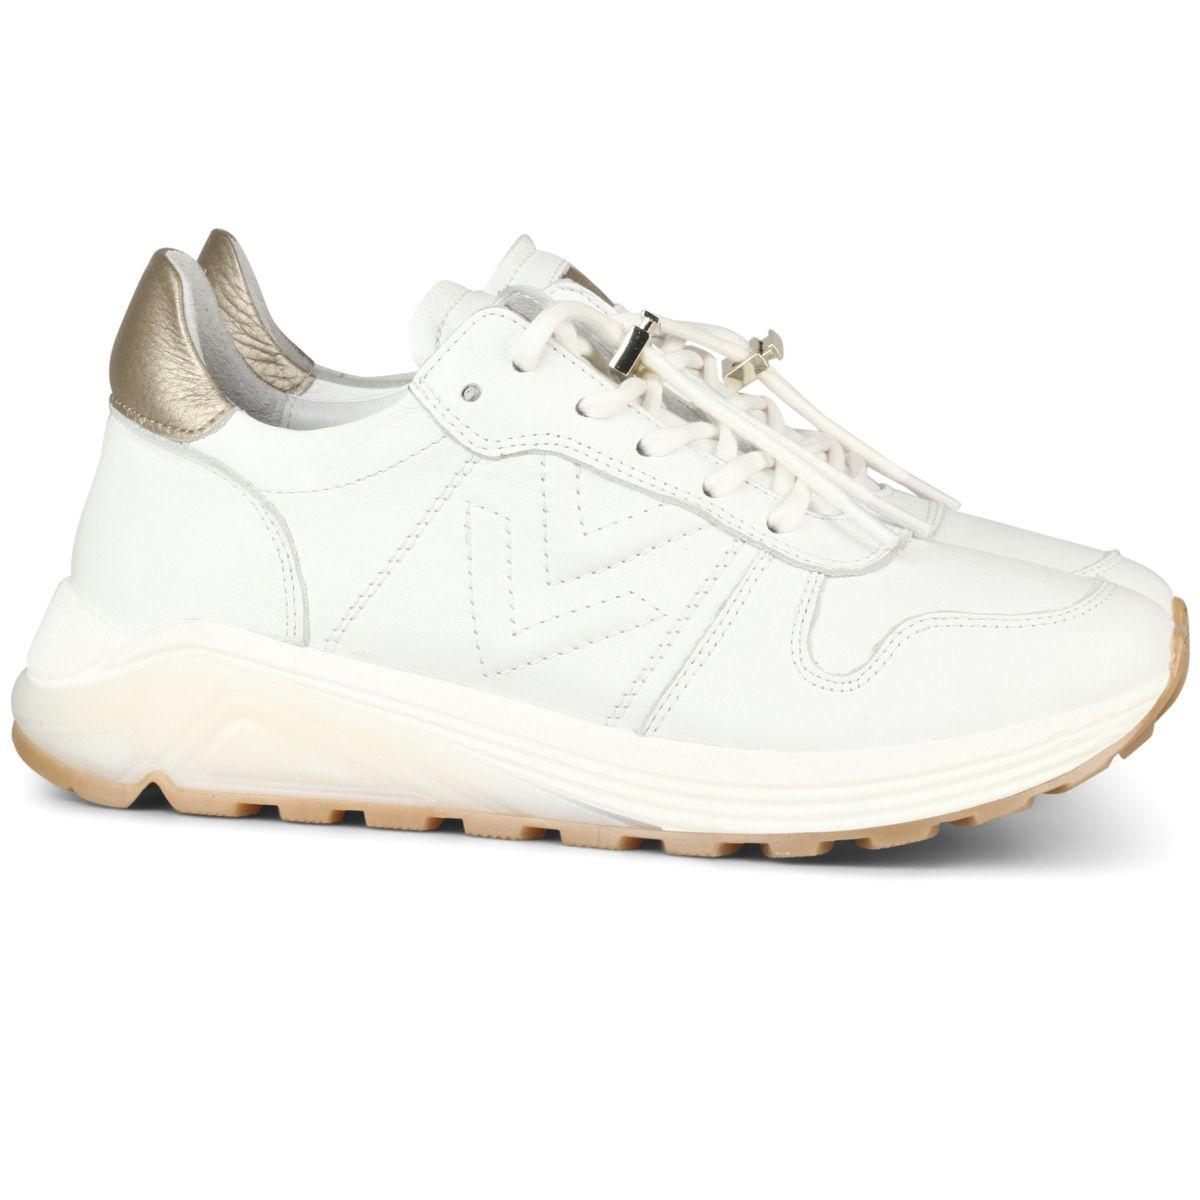 Via Vai Wit leder sneaker (5201063) | Sneaker, Enkellaars